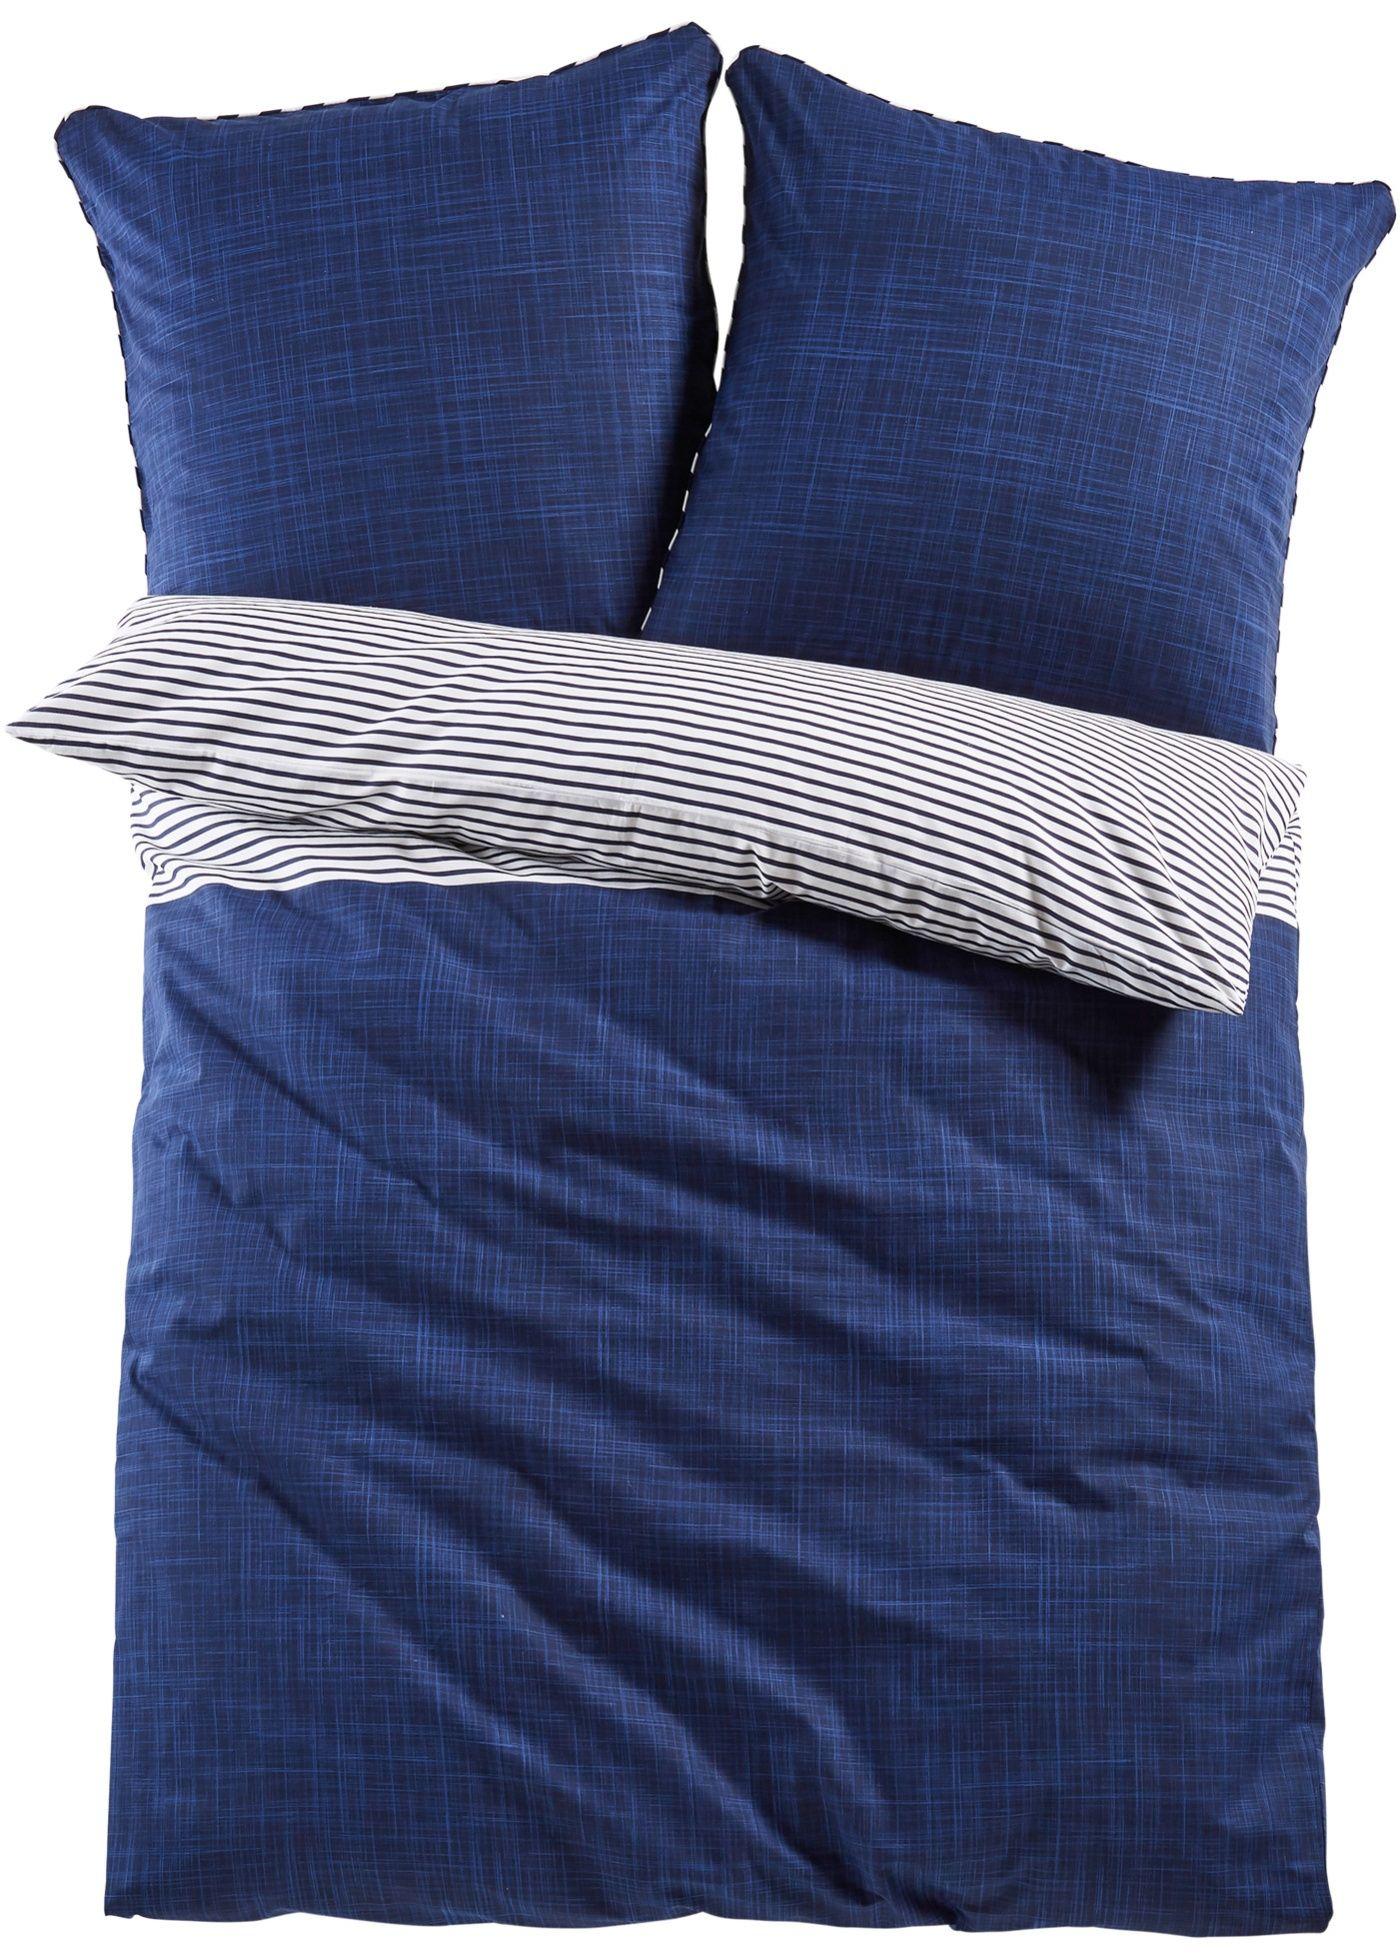 Bettwasche Jason Bettwasche Bett Und Bettbezug